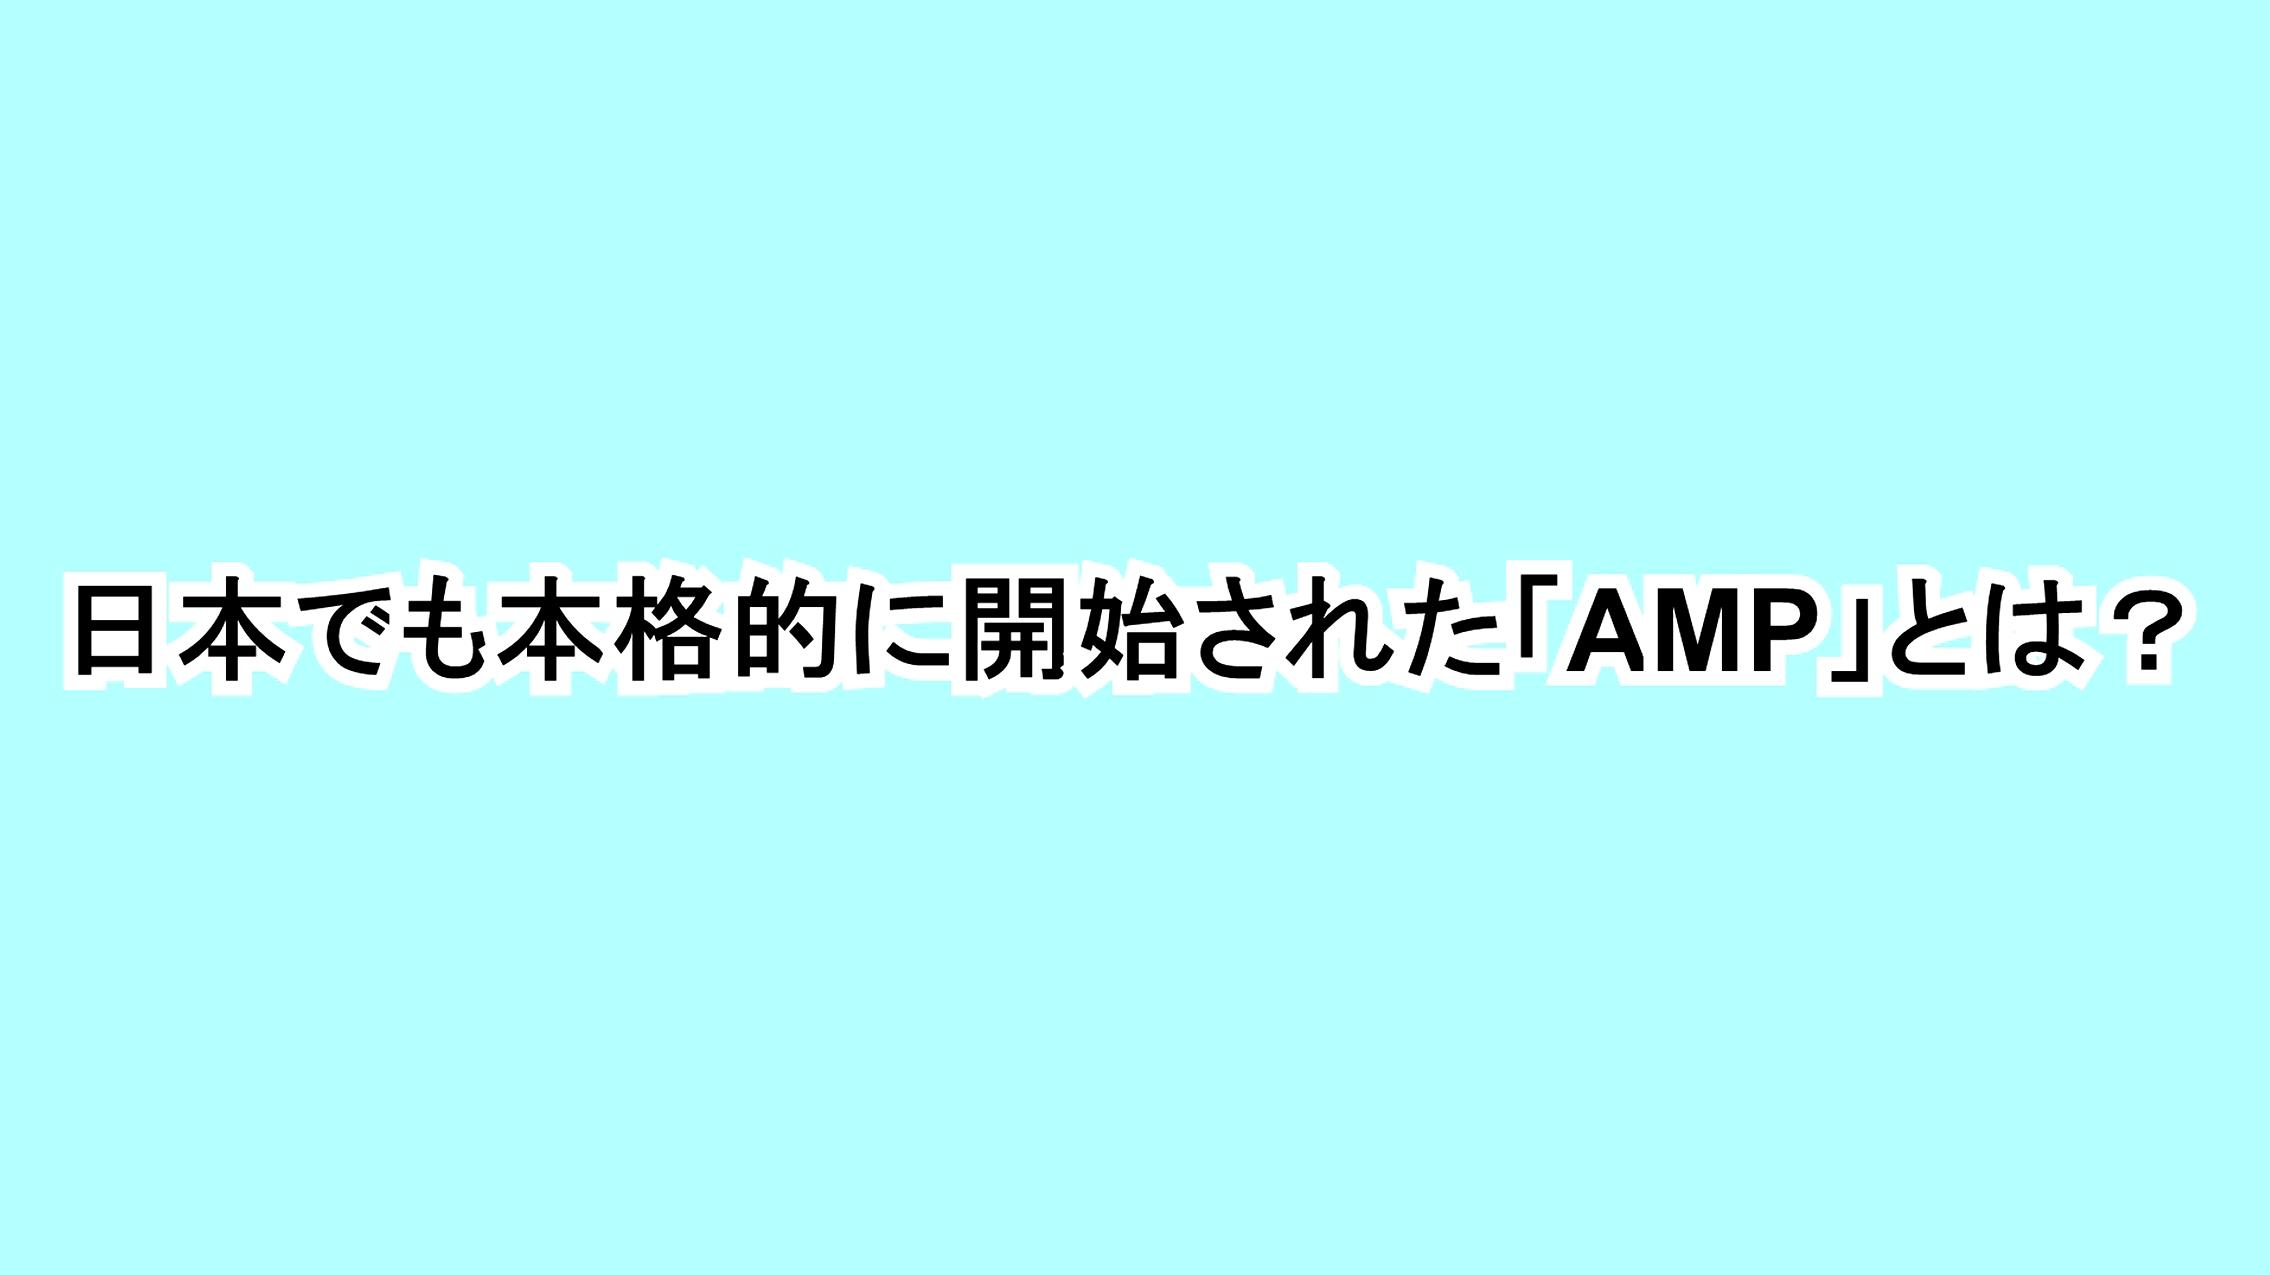 日本でも本格的に開始された「AMP(アンプ)」とは?